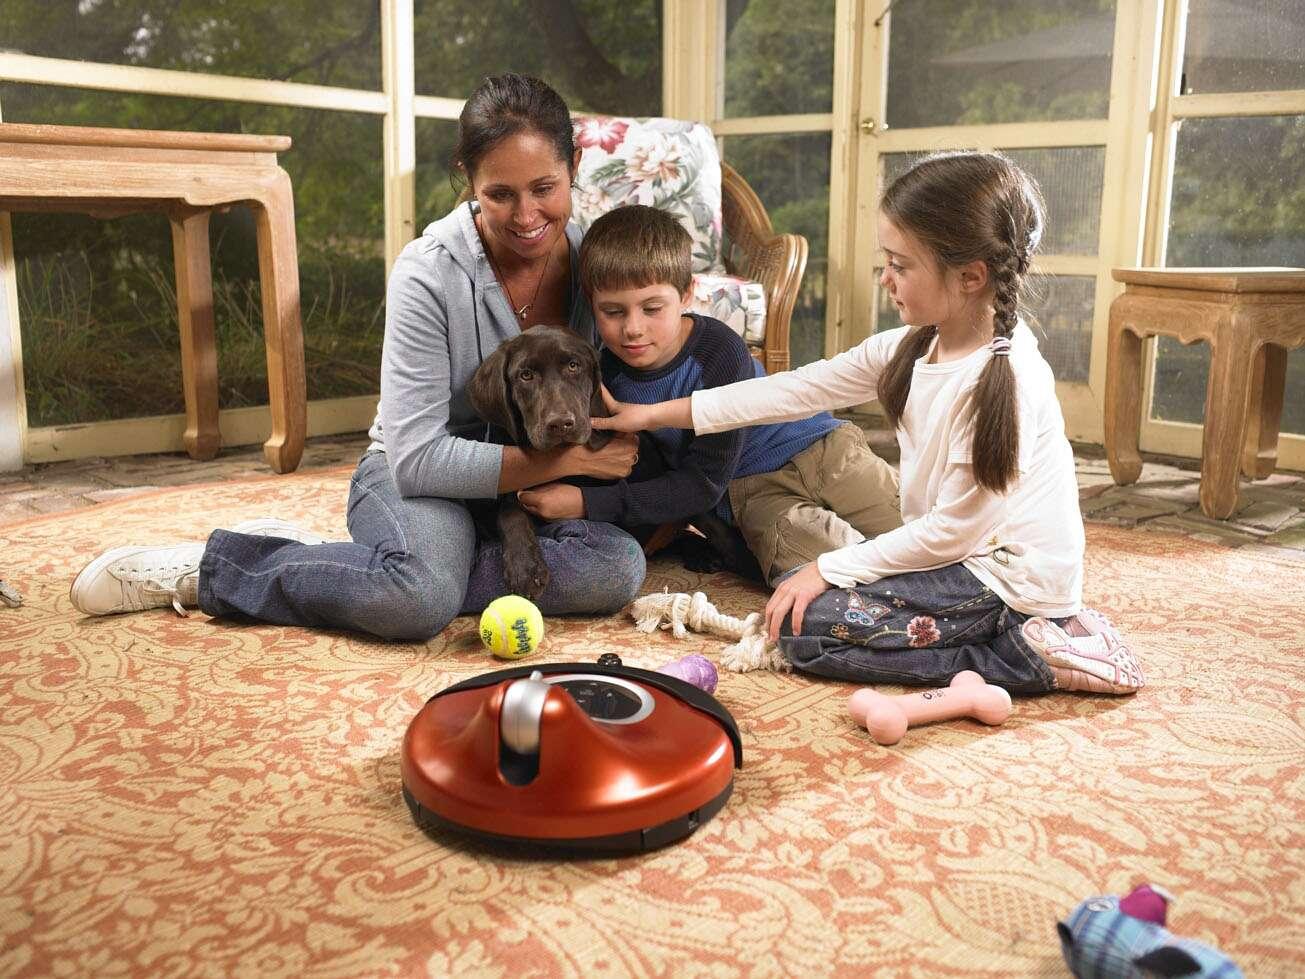 ConnectR amuse les enfants, les grands-parents et les animaux de compagnie que l'on a laissés seuls à la maison. © 2007 iRobot Corporation